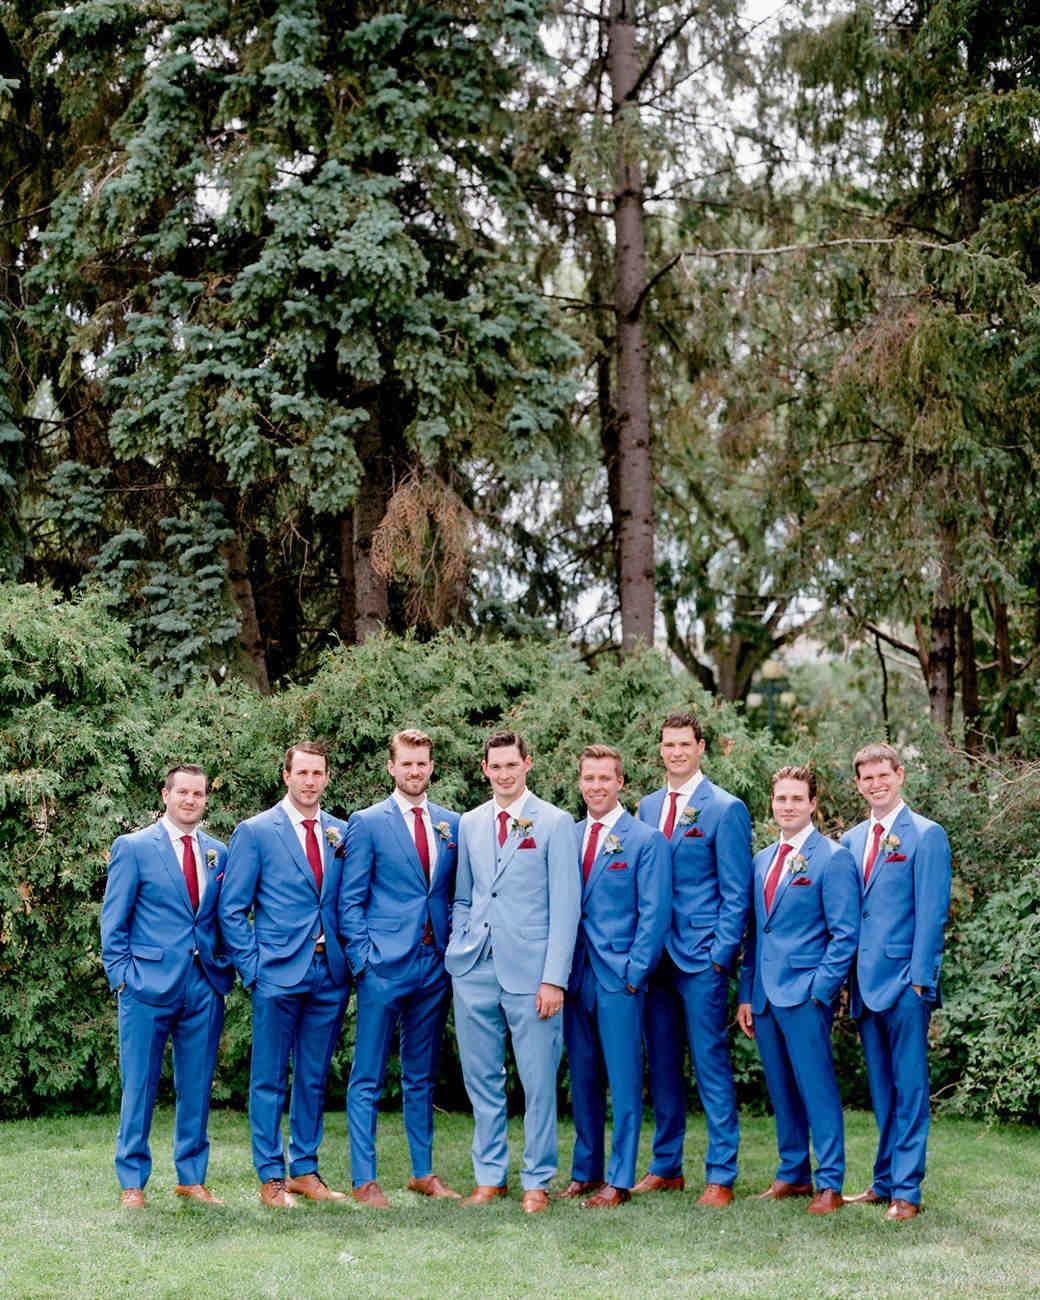 groom with groomsmen wearing blue suits